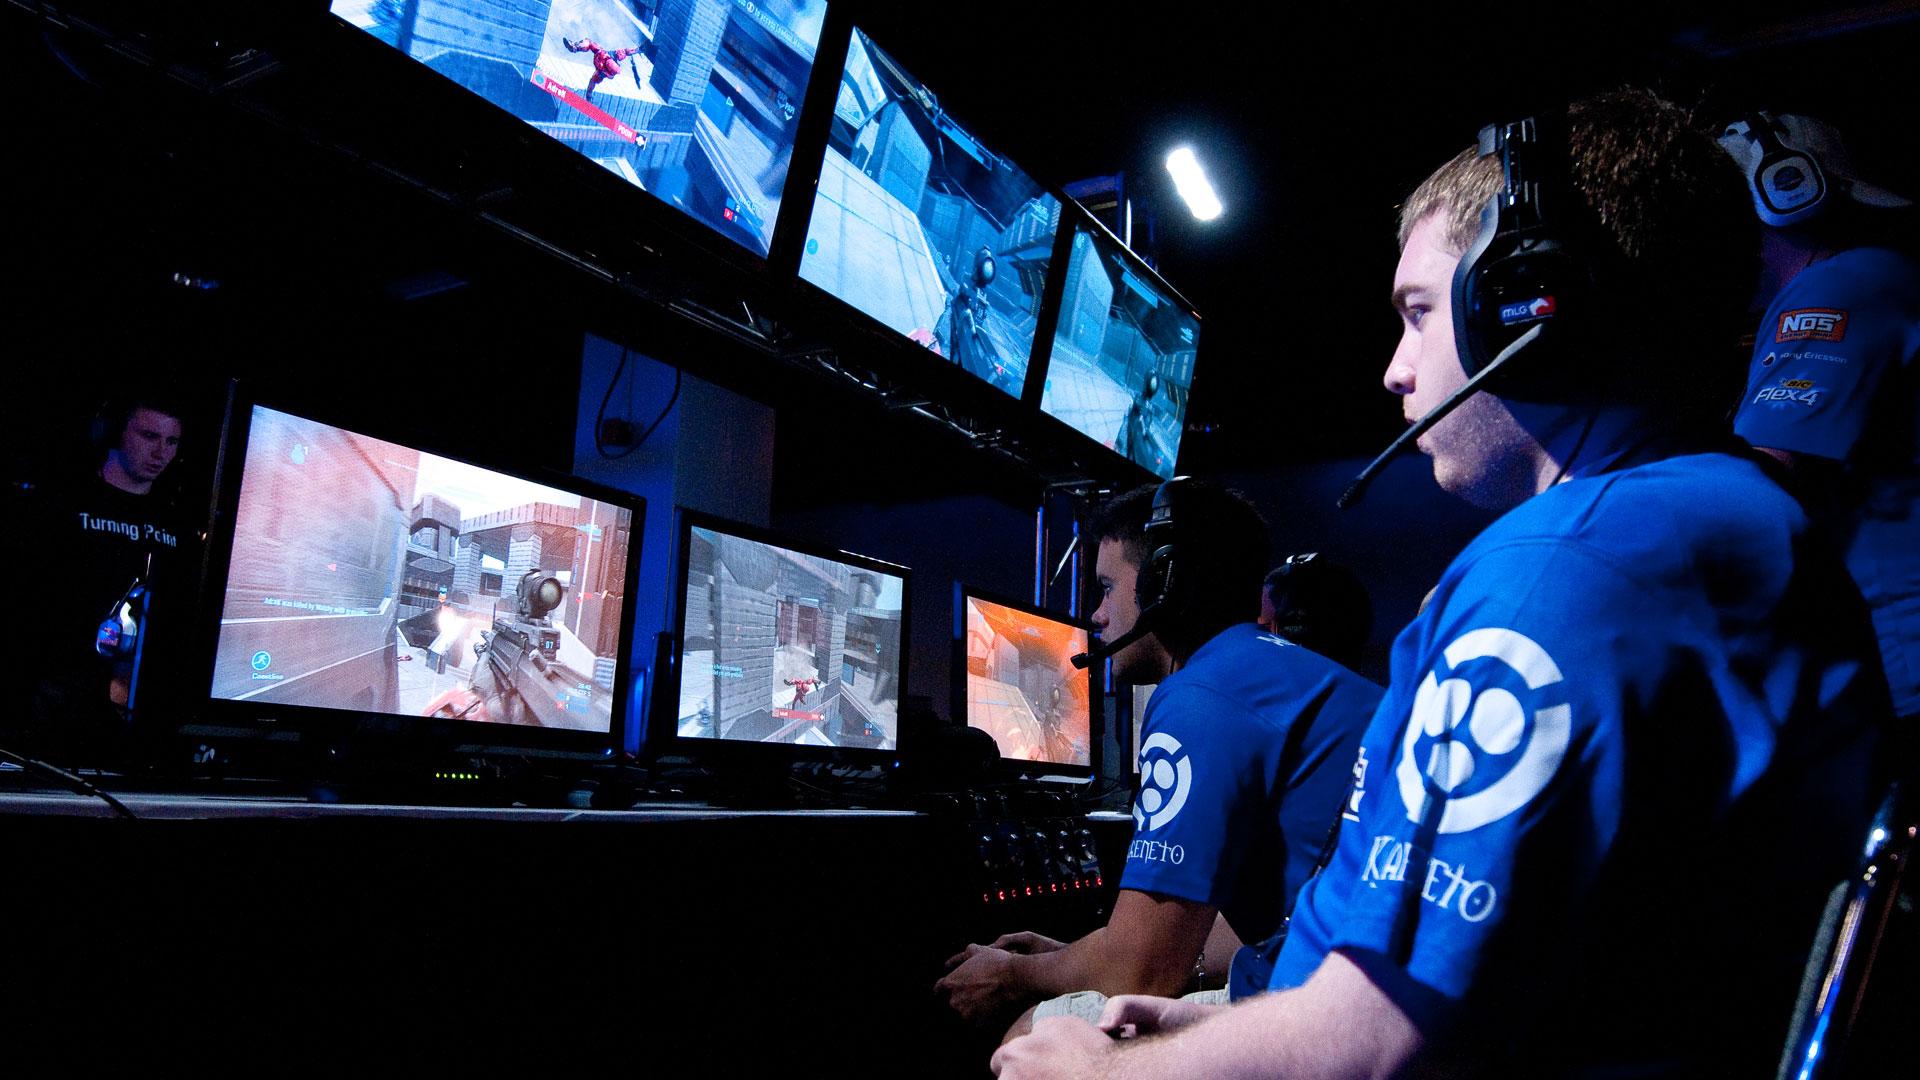 """Résultat de recherche d'images pour """"gaming"""""""